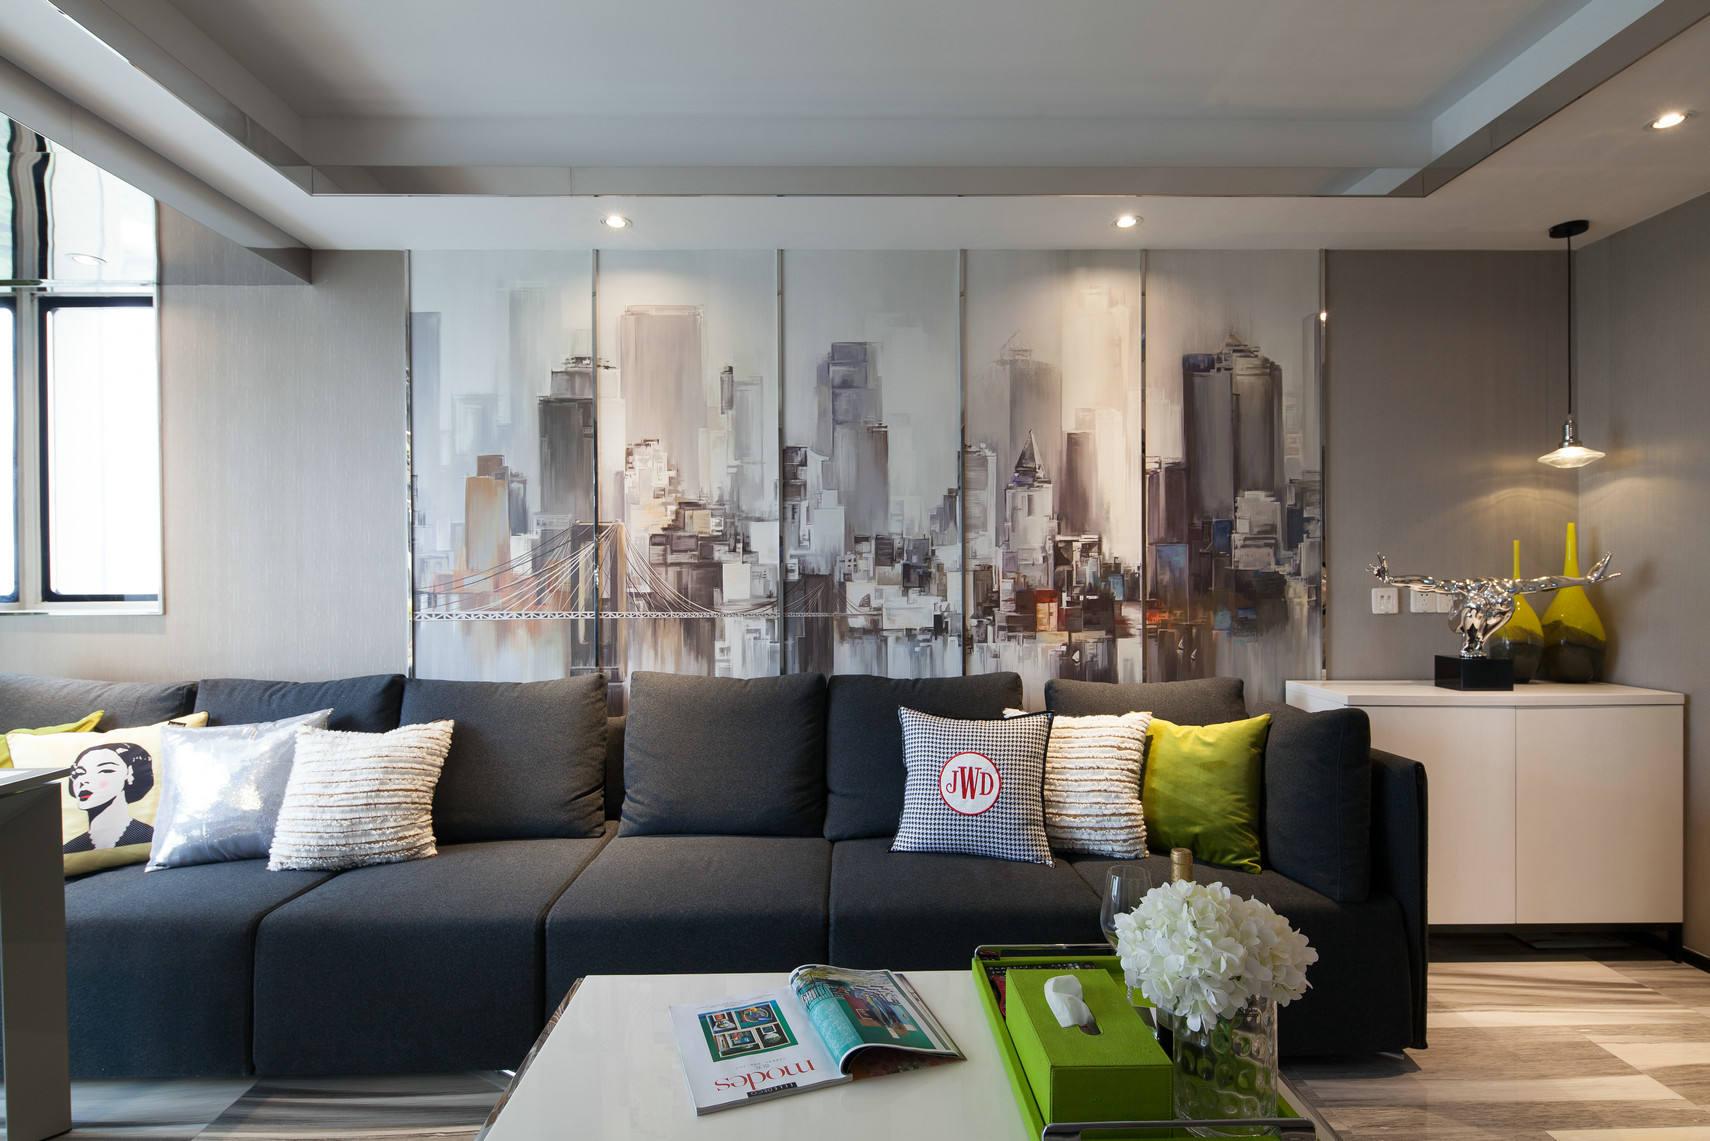 小户型室内现代设计个性装饰效果图_装修百科